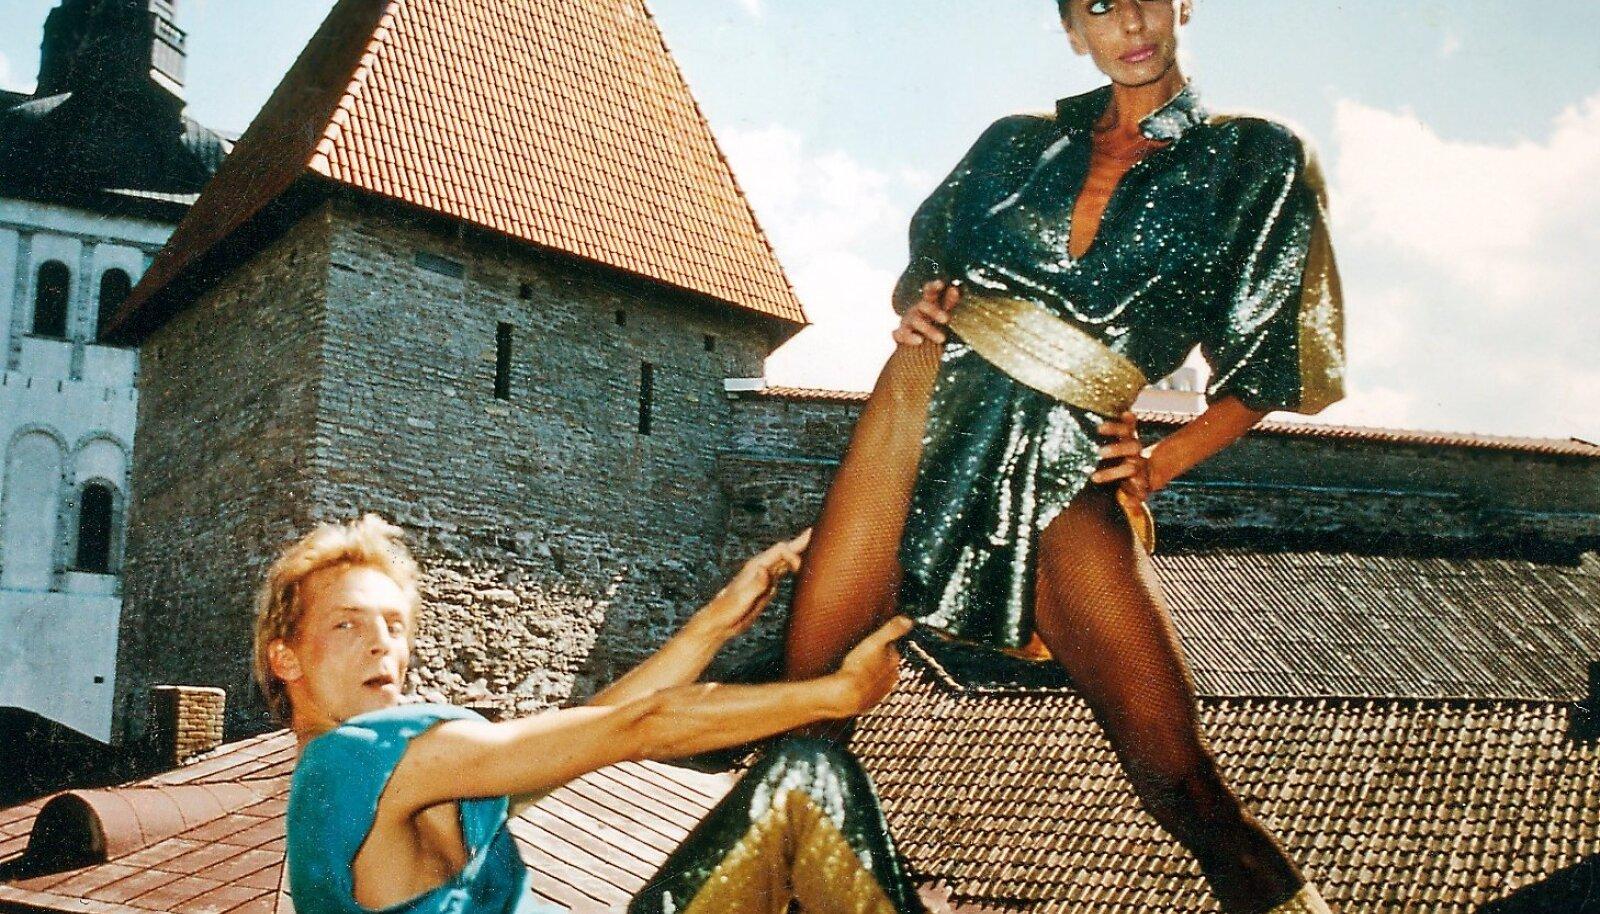 Ülle ja Mait poseerimas baarvarietee Tallinn plakati jaoks 1980. aastate keskel.